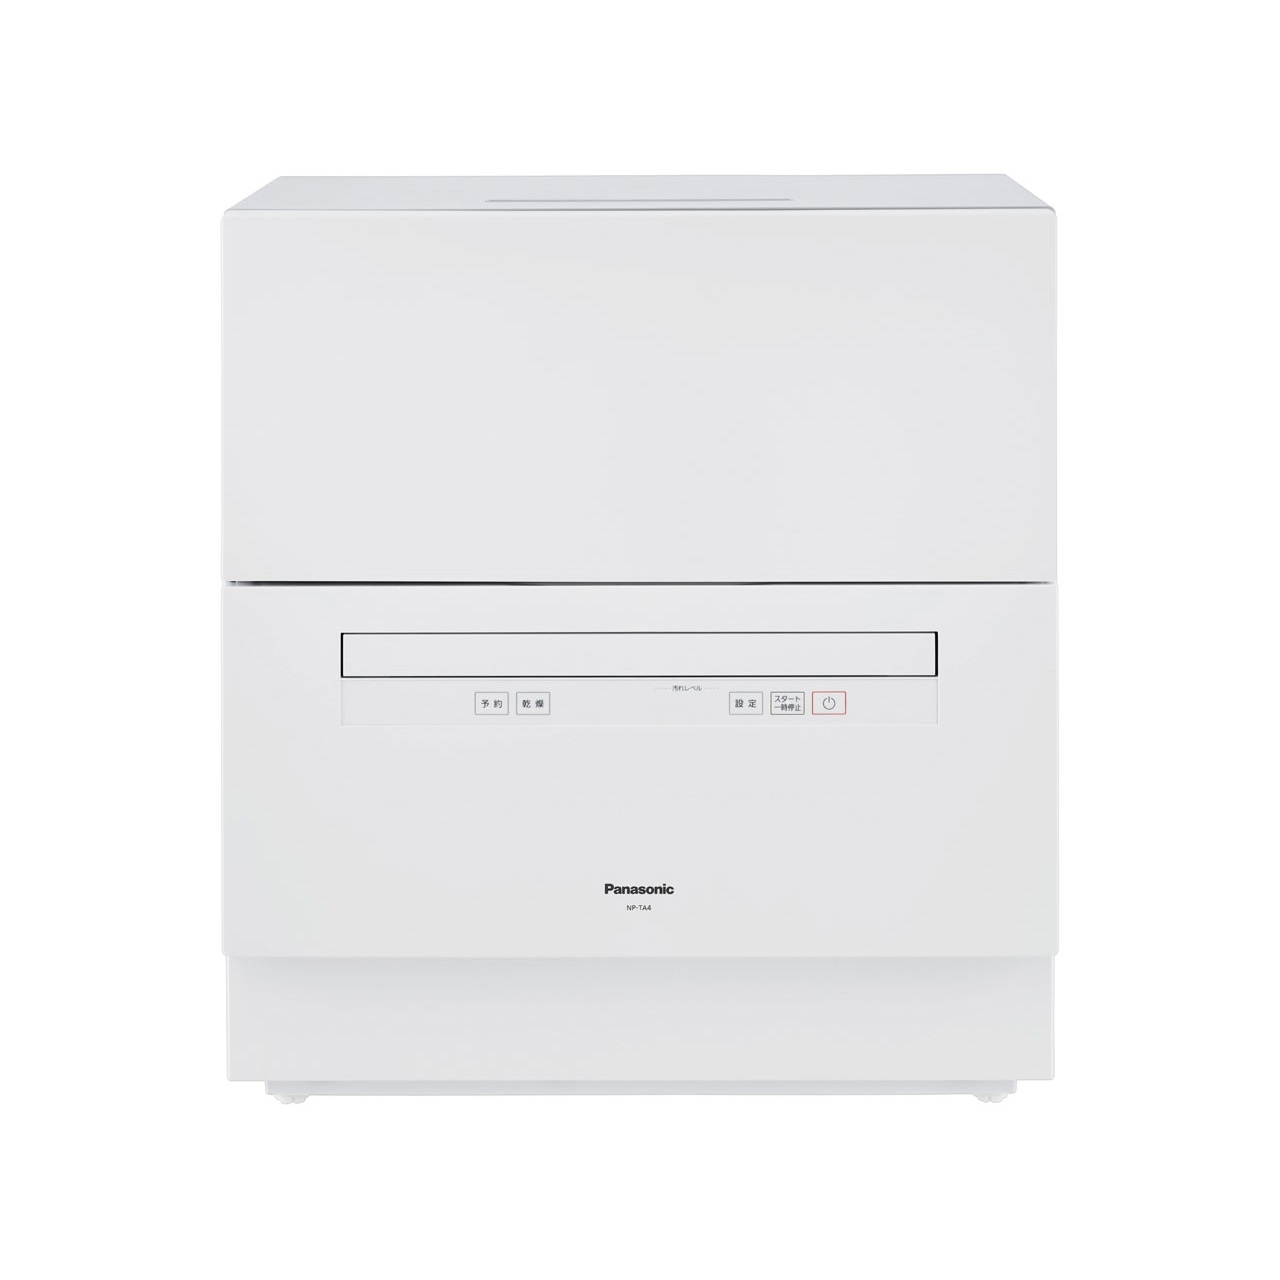 パナソニックNP-TA4食器洗い乾燥機